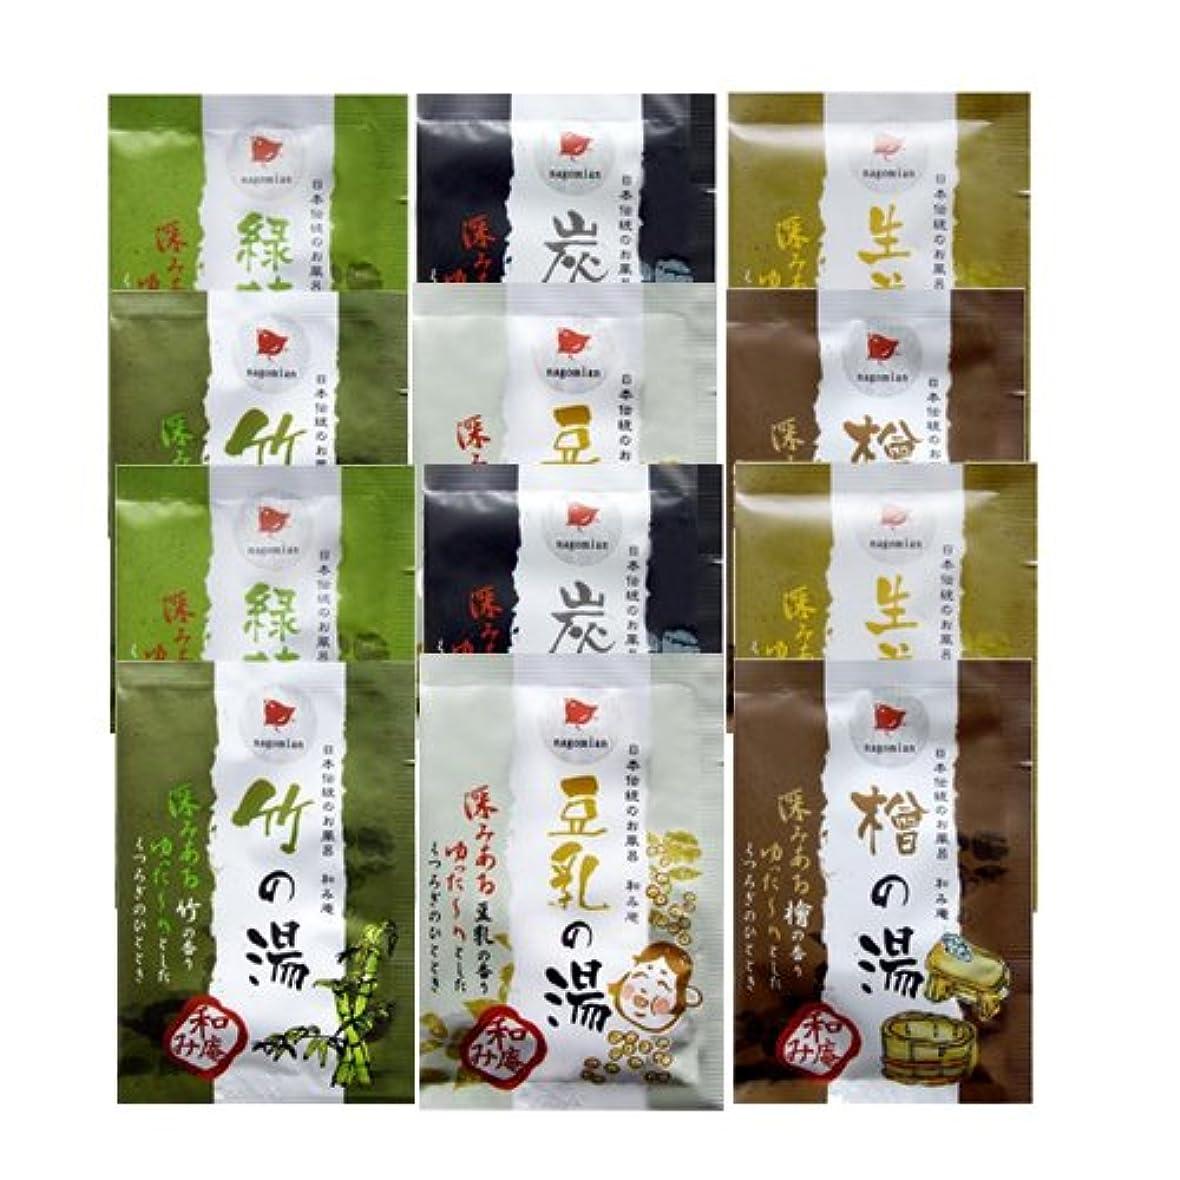 ラッドヤードキップリング不適切なゆでる日本伝統のお風呂 和み庵 6種類×2個セット(計12包)